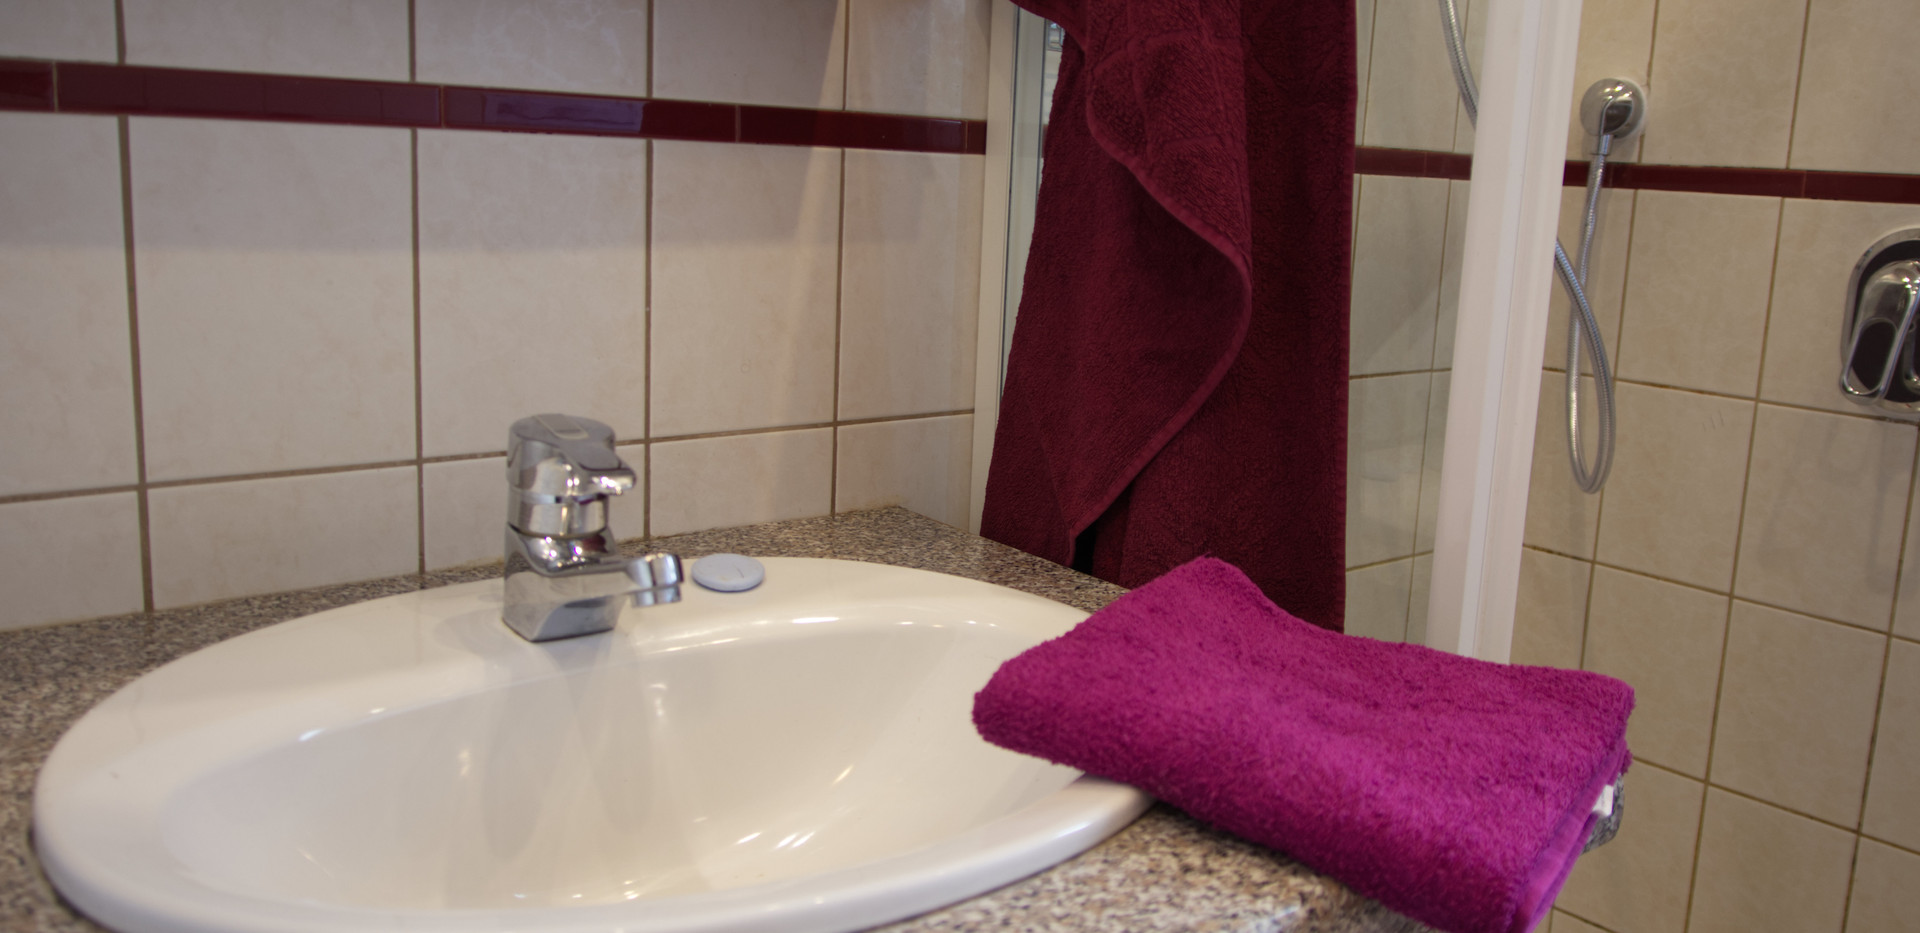 Handtücher werden gestellt